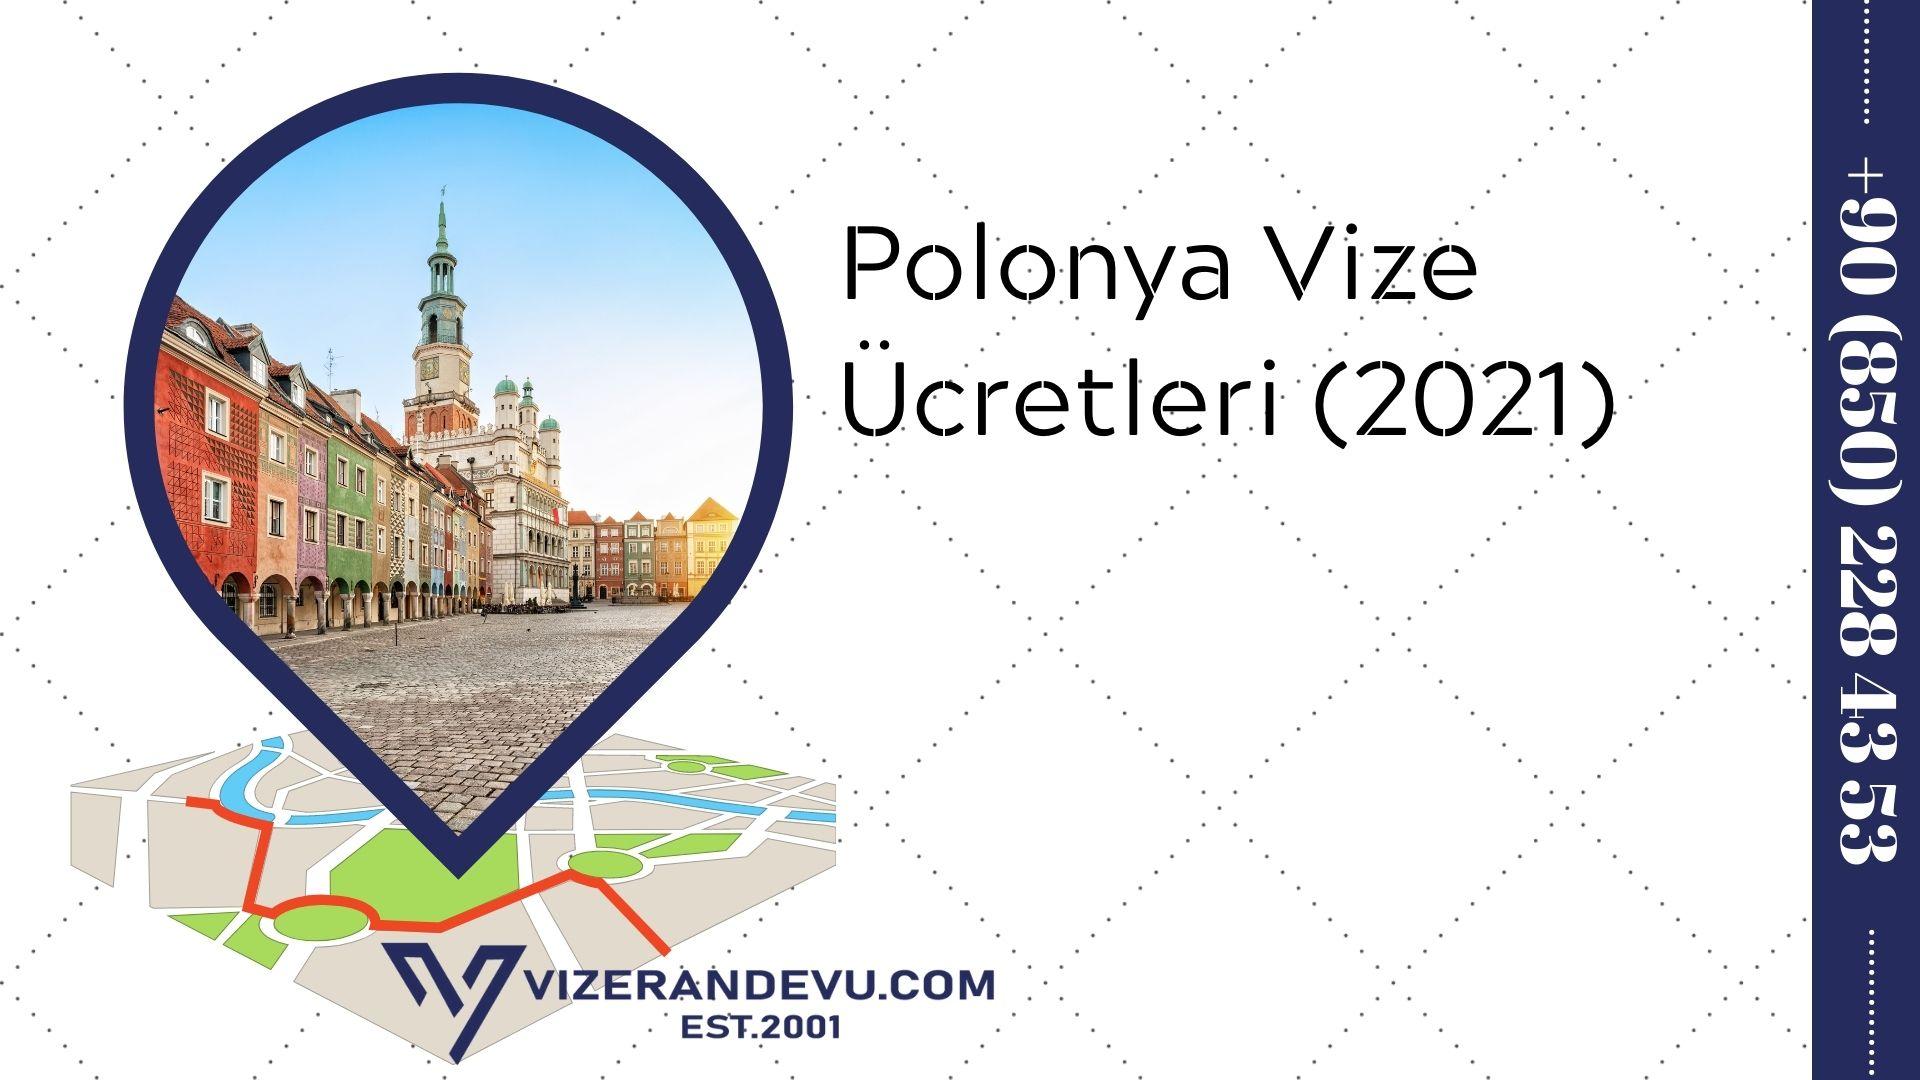 Polonya Vize Ücretleri (2021)